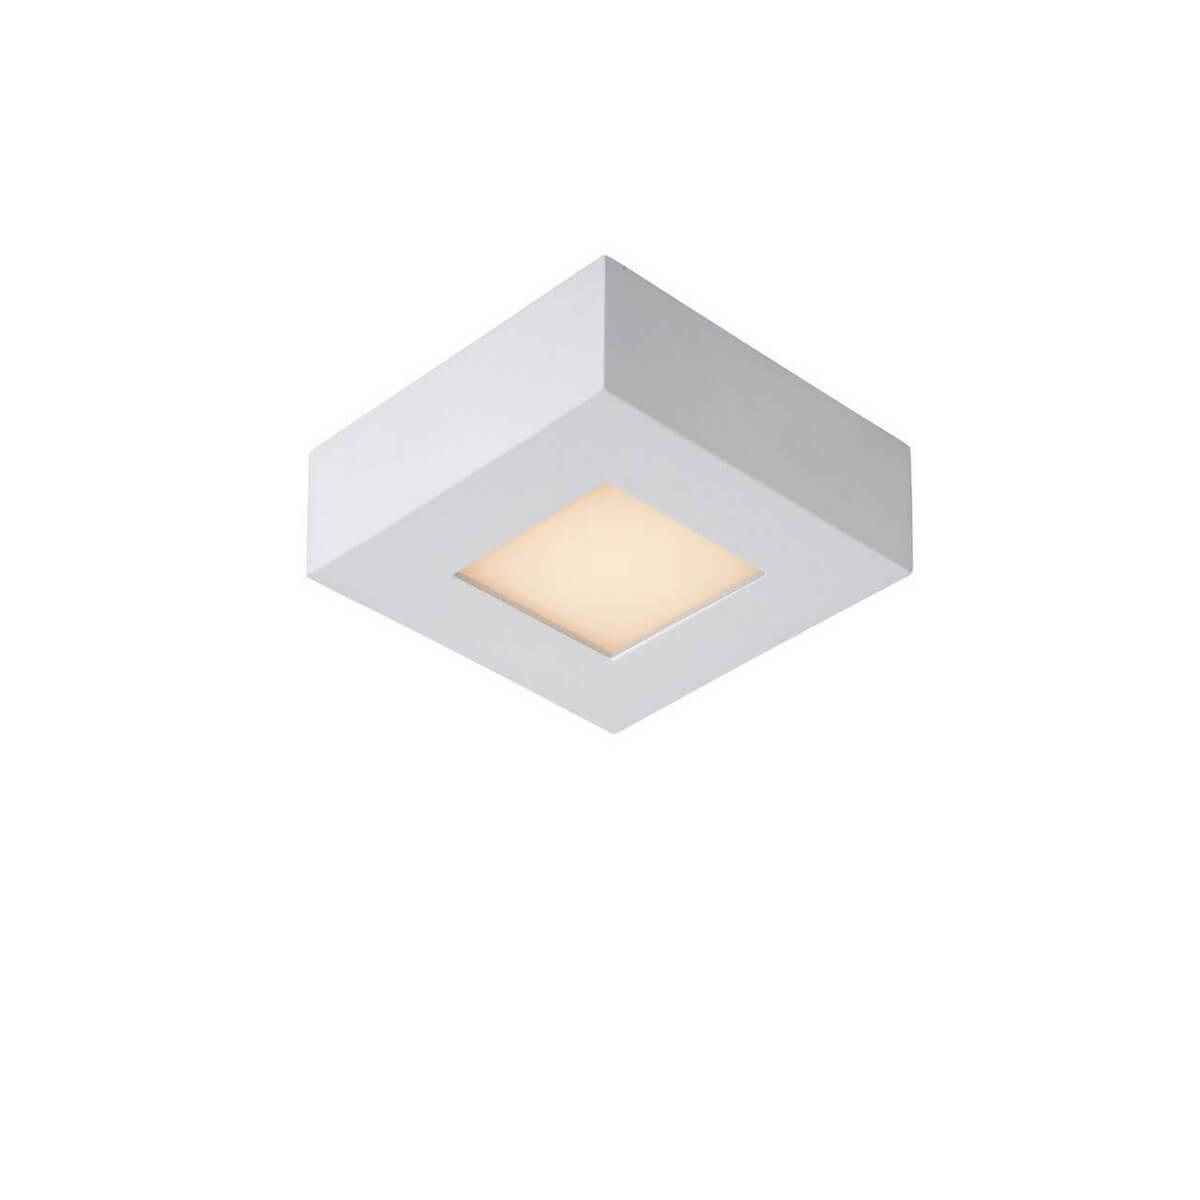 цена на Потолочный светодиодный светильник Lucide Brice-Led 28107/11/31